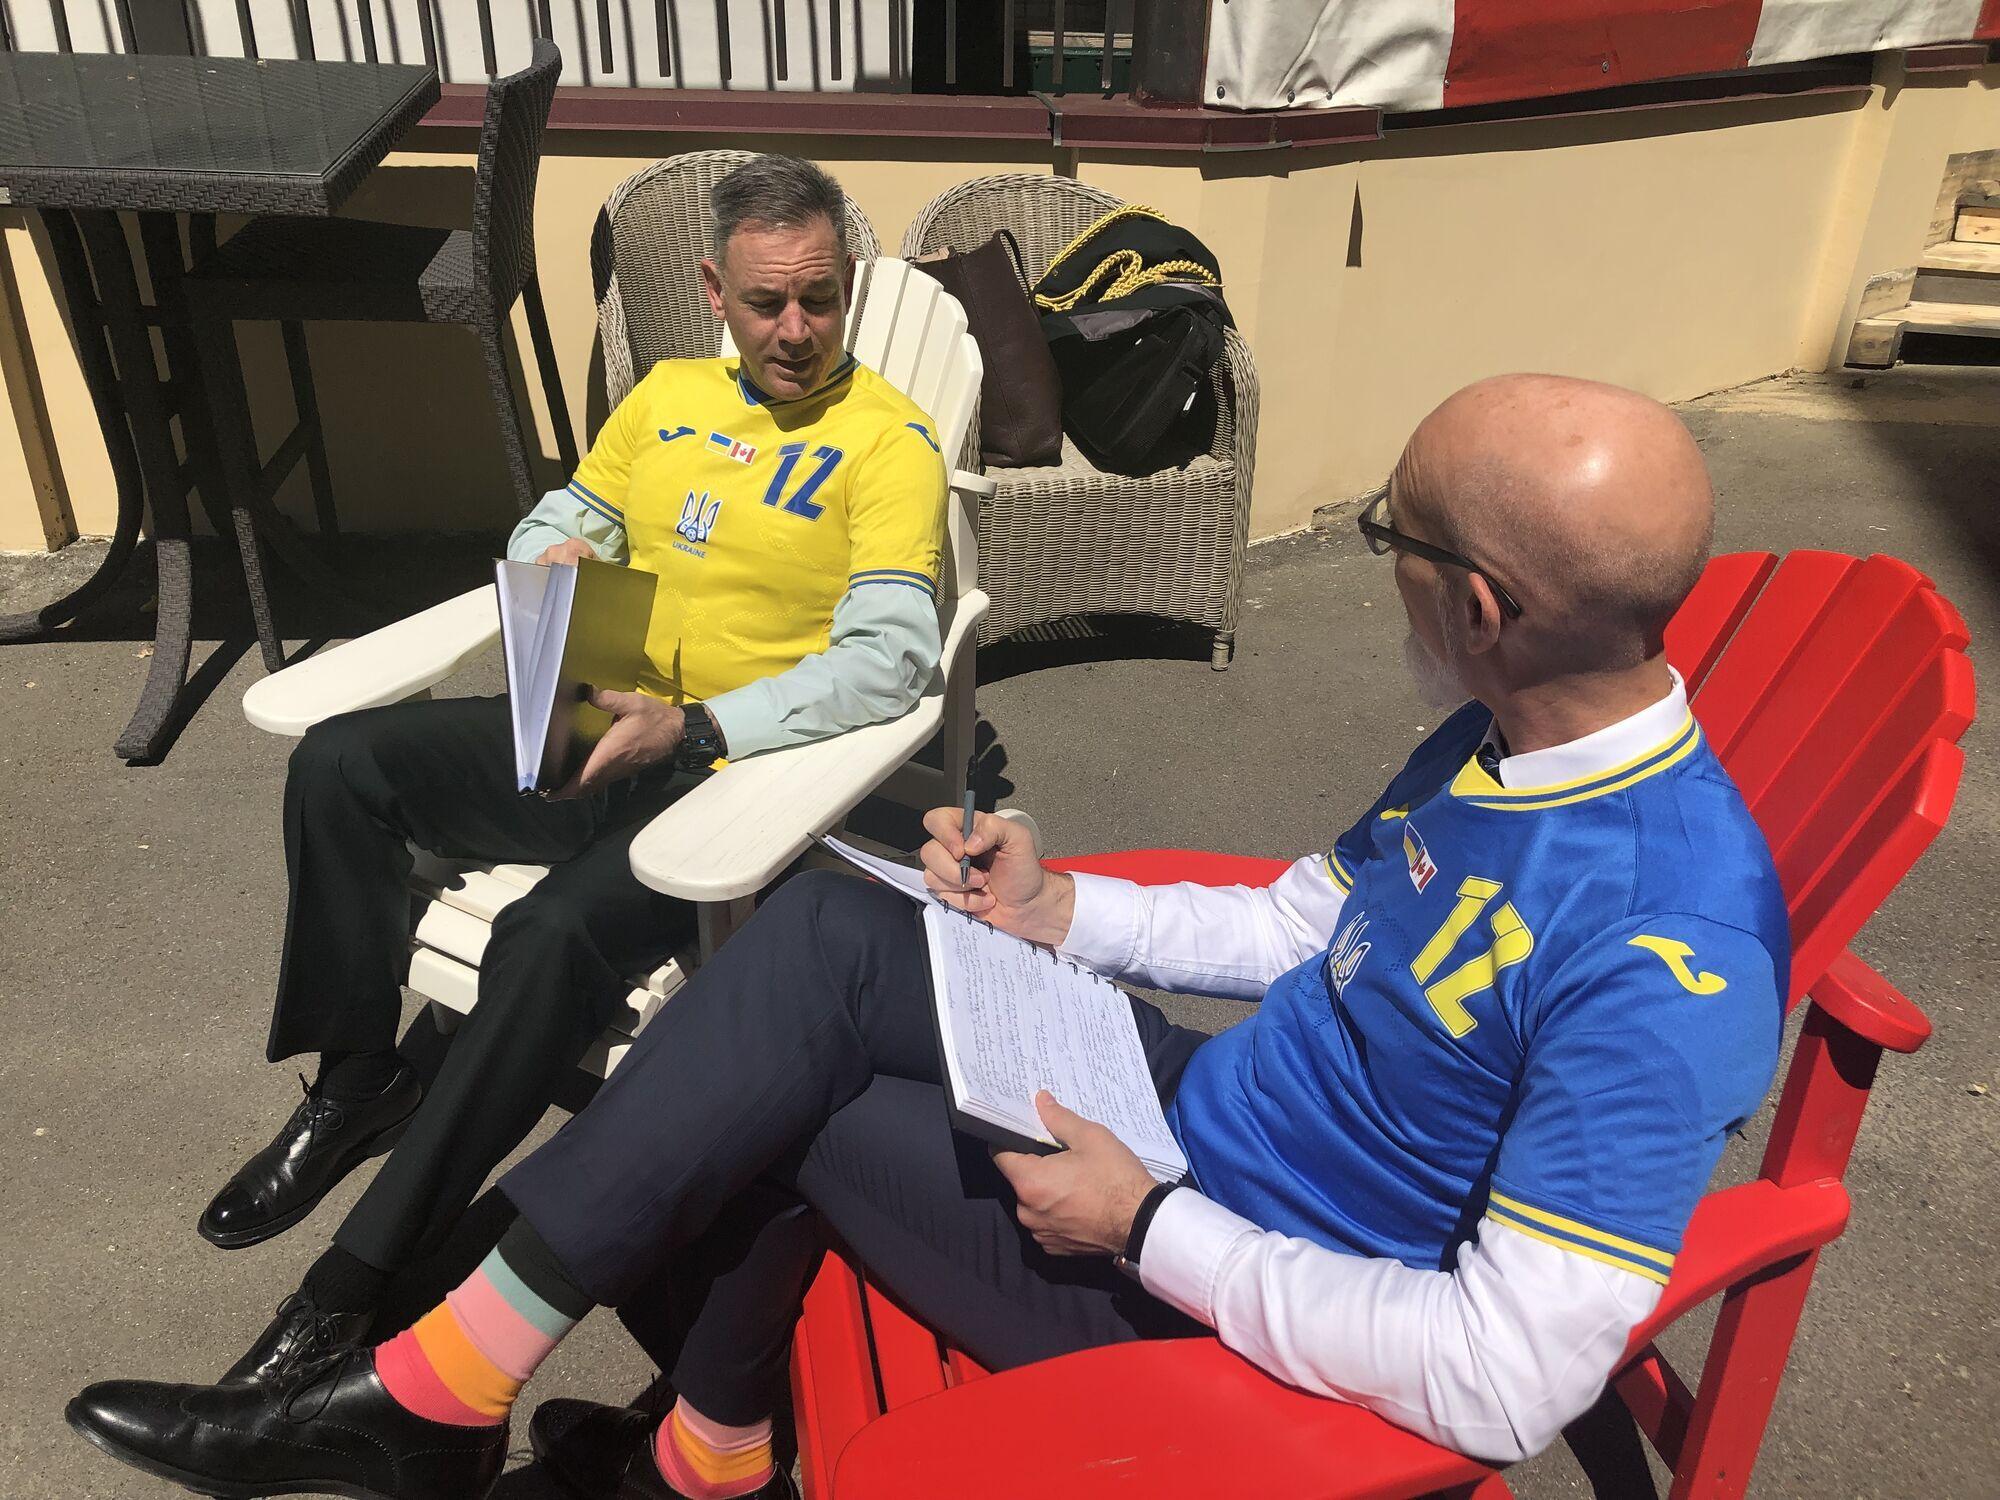 Сотрудники обсуждали рабочие моменты в форме сборной Украины